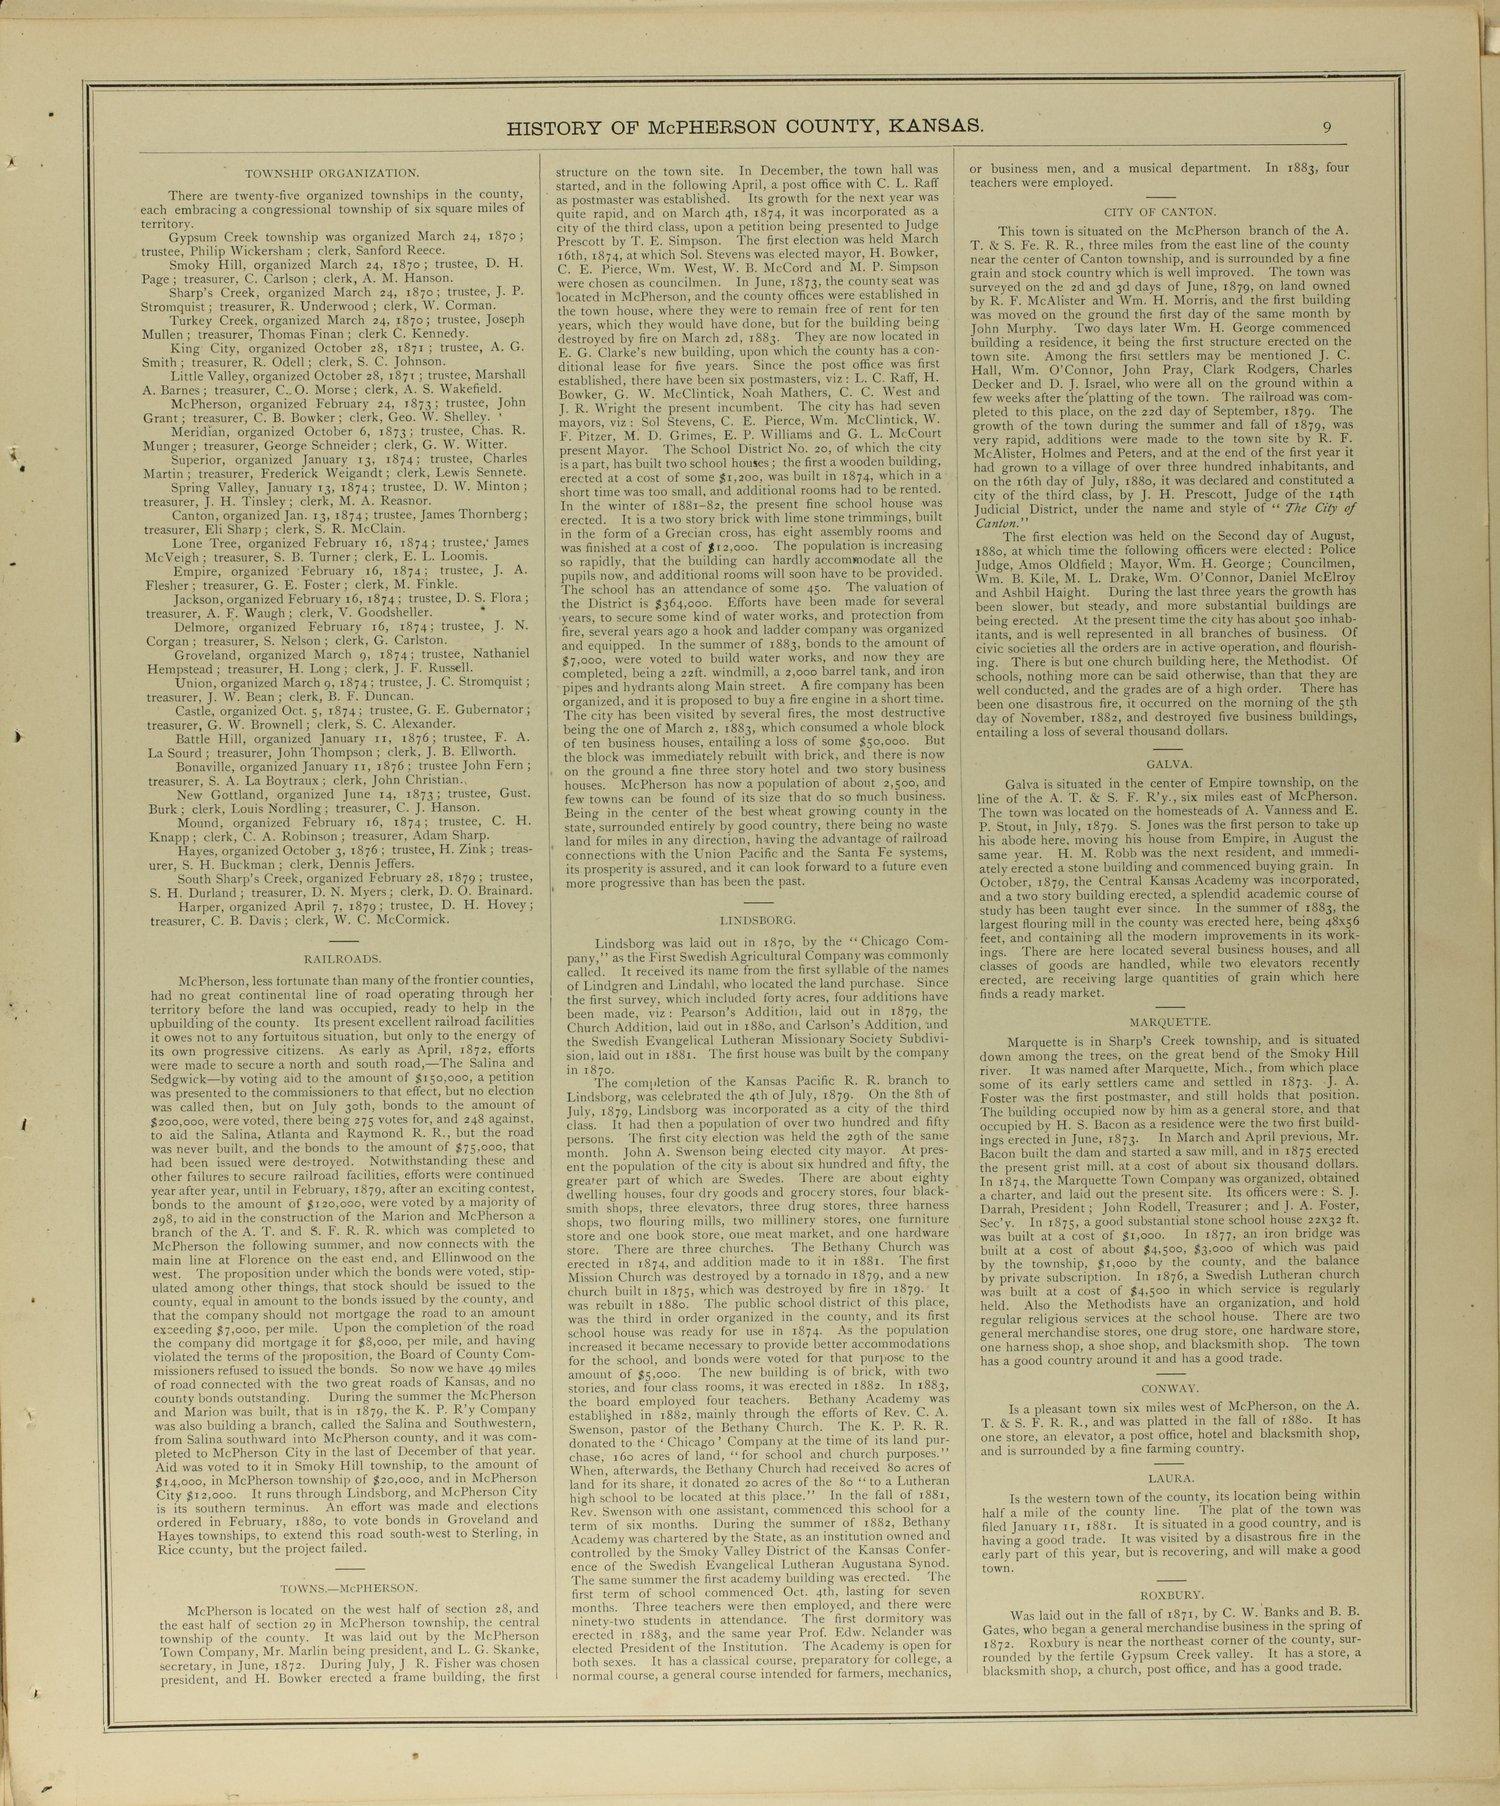 Edwards' atlas of McPherson County, Kansas - 9